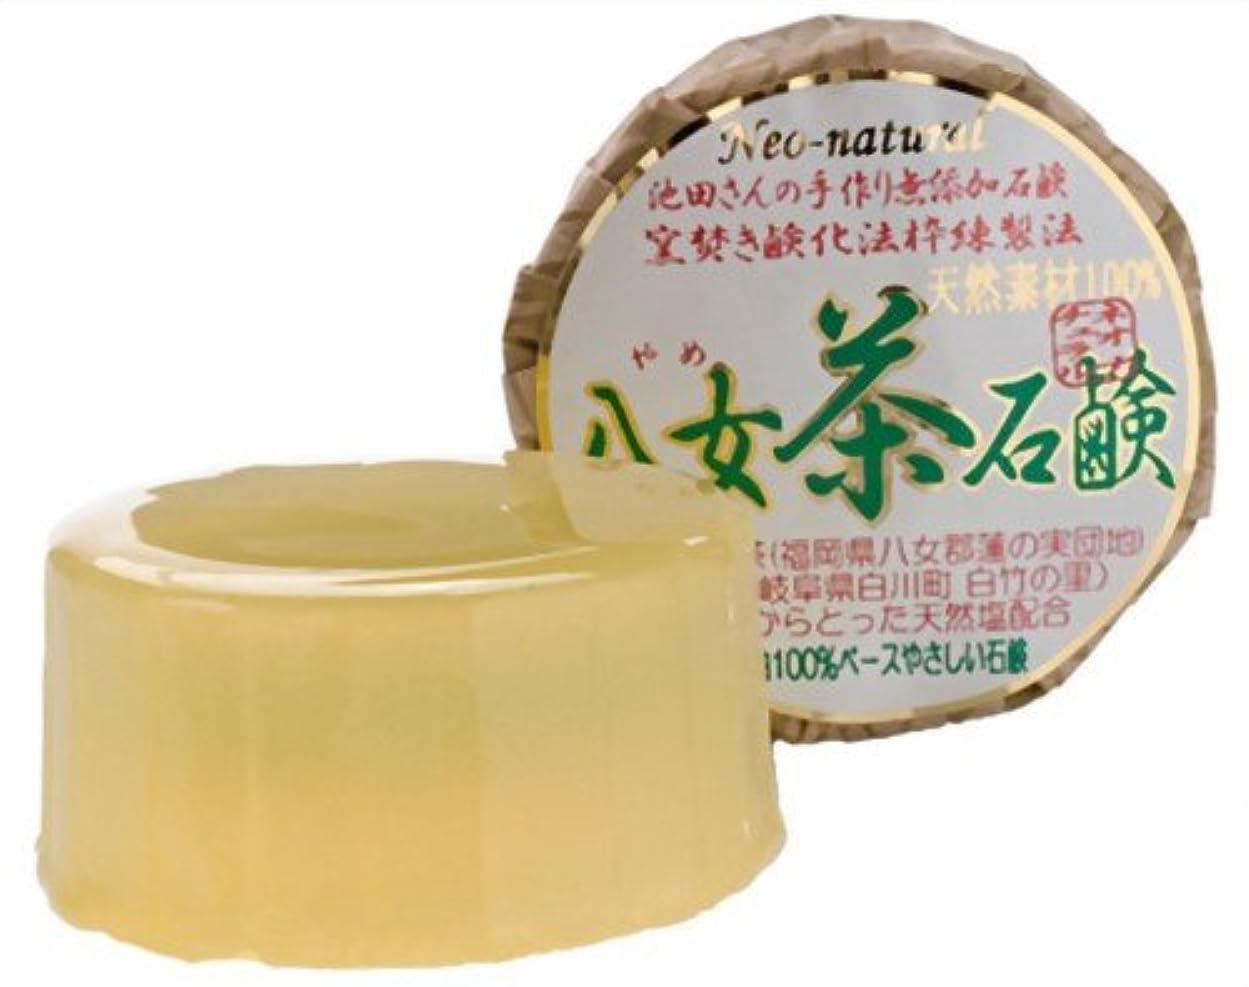 ミュージカル開梱曲がったネオナチュラル 池田さんの八女茶石鹸 80g